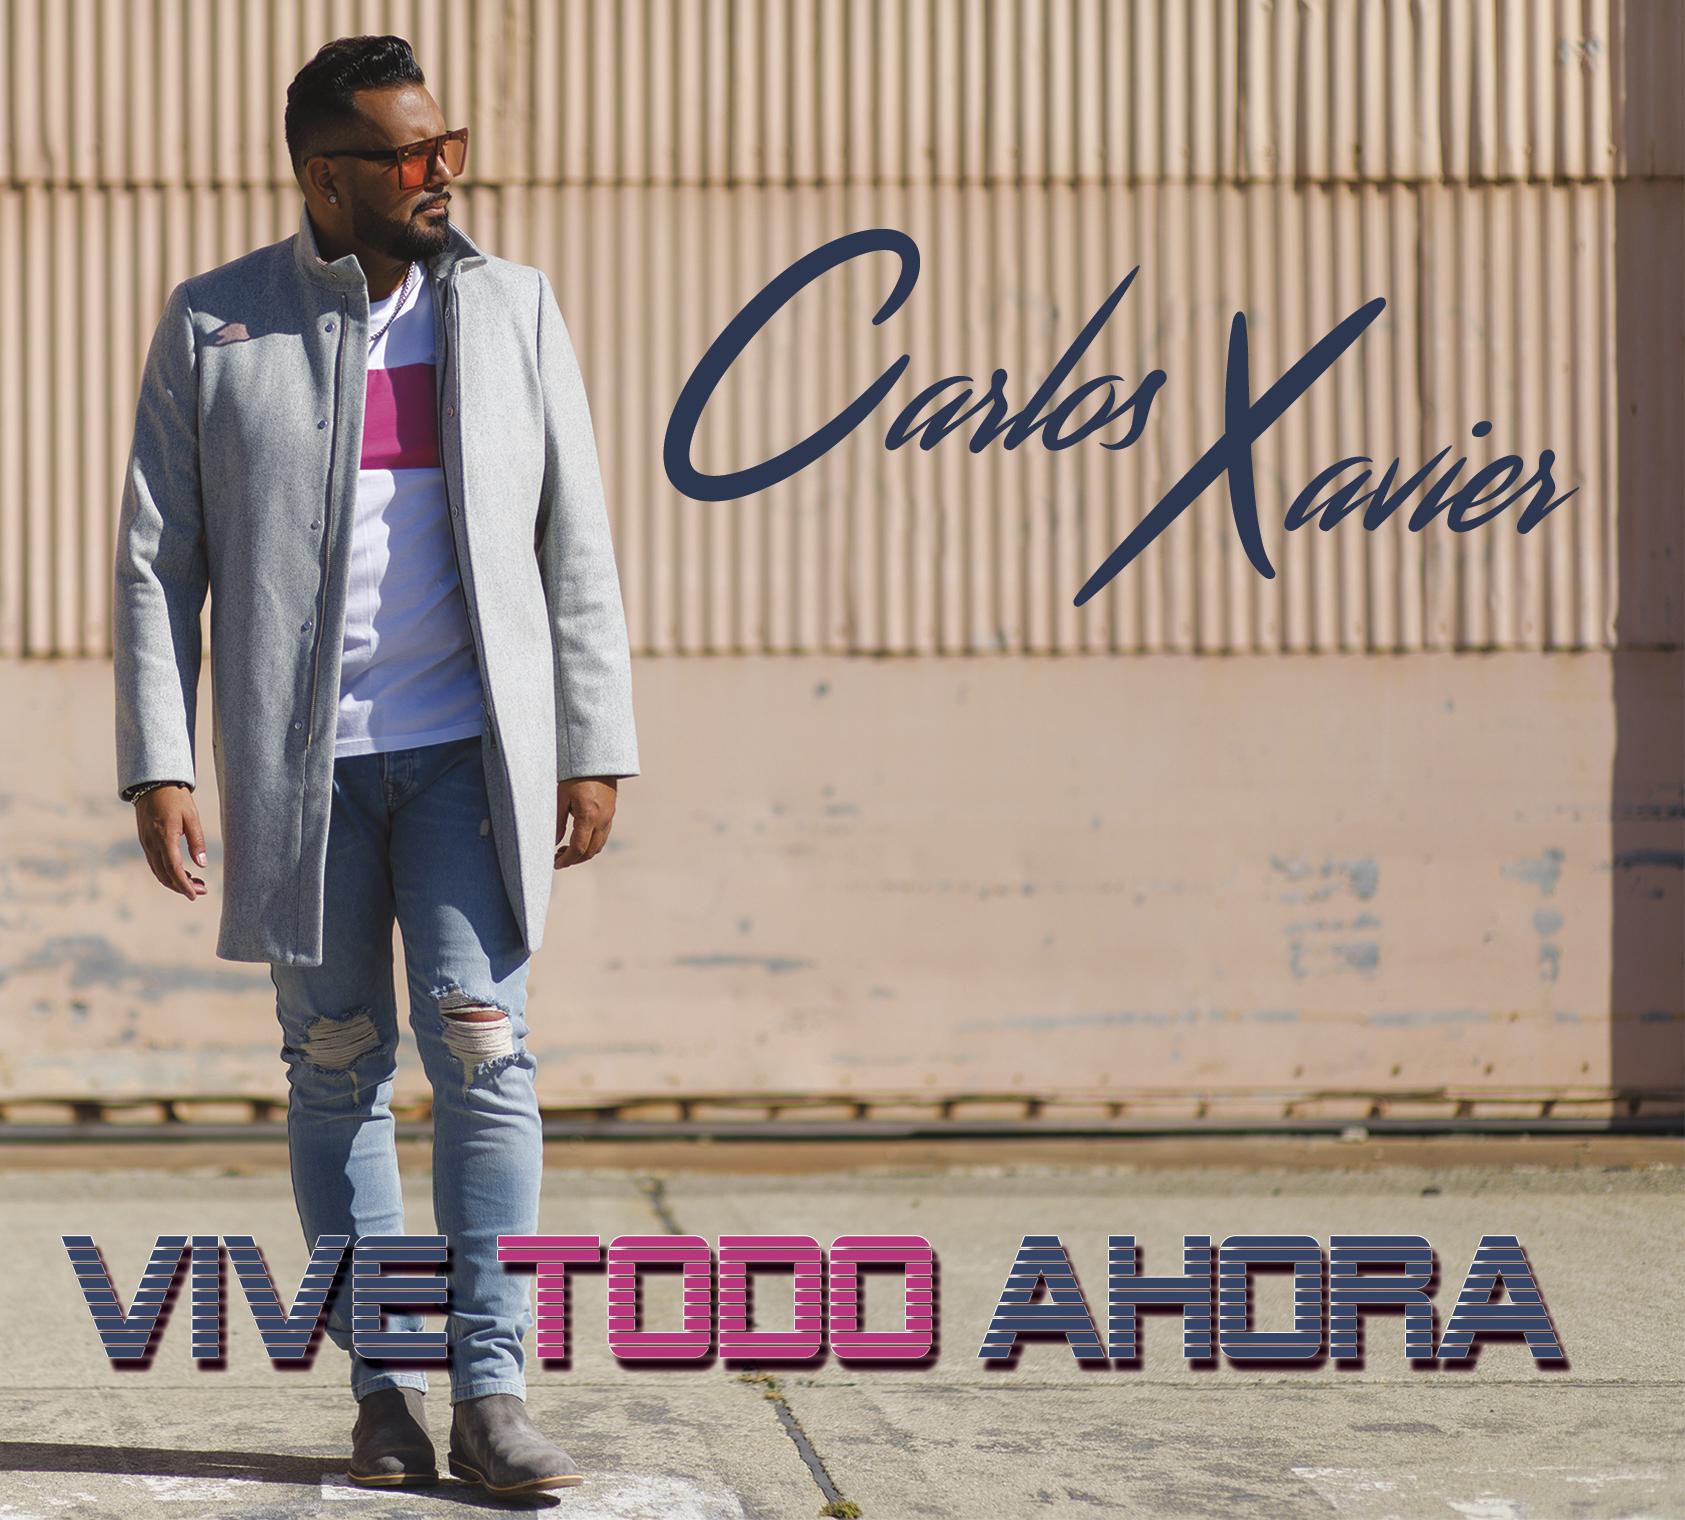 Carlos Xavier – Cantautor